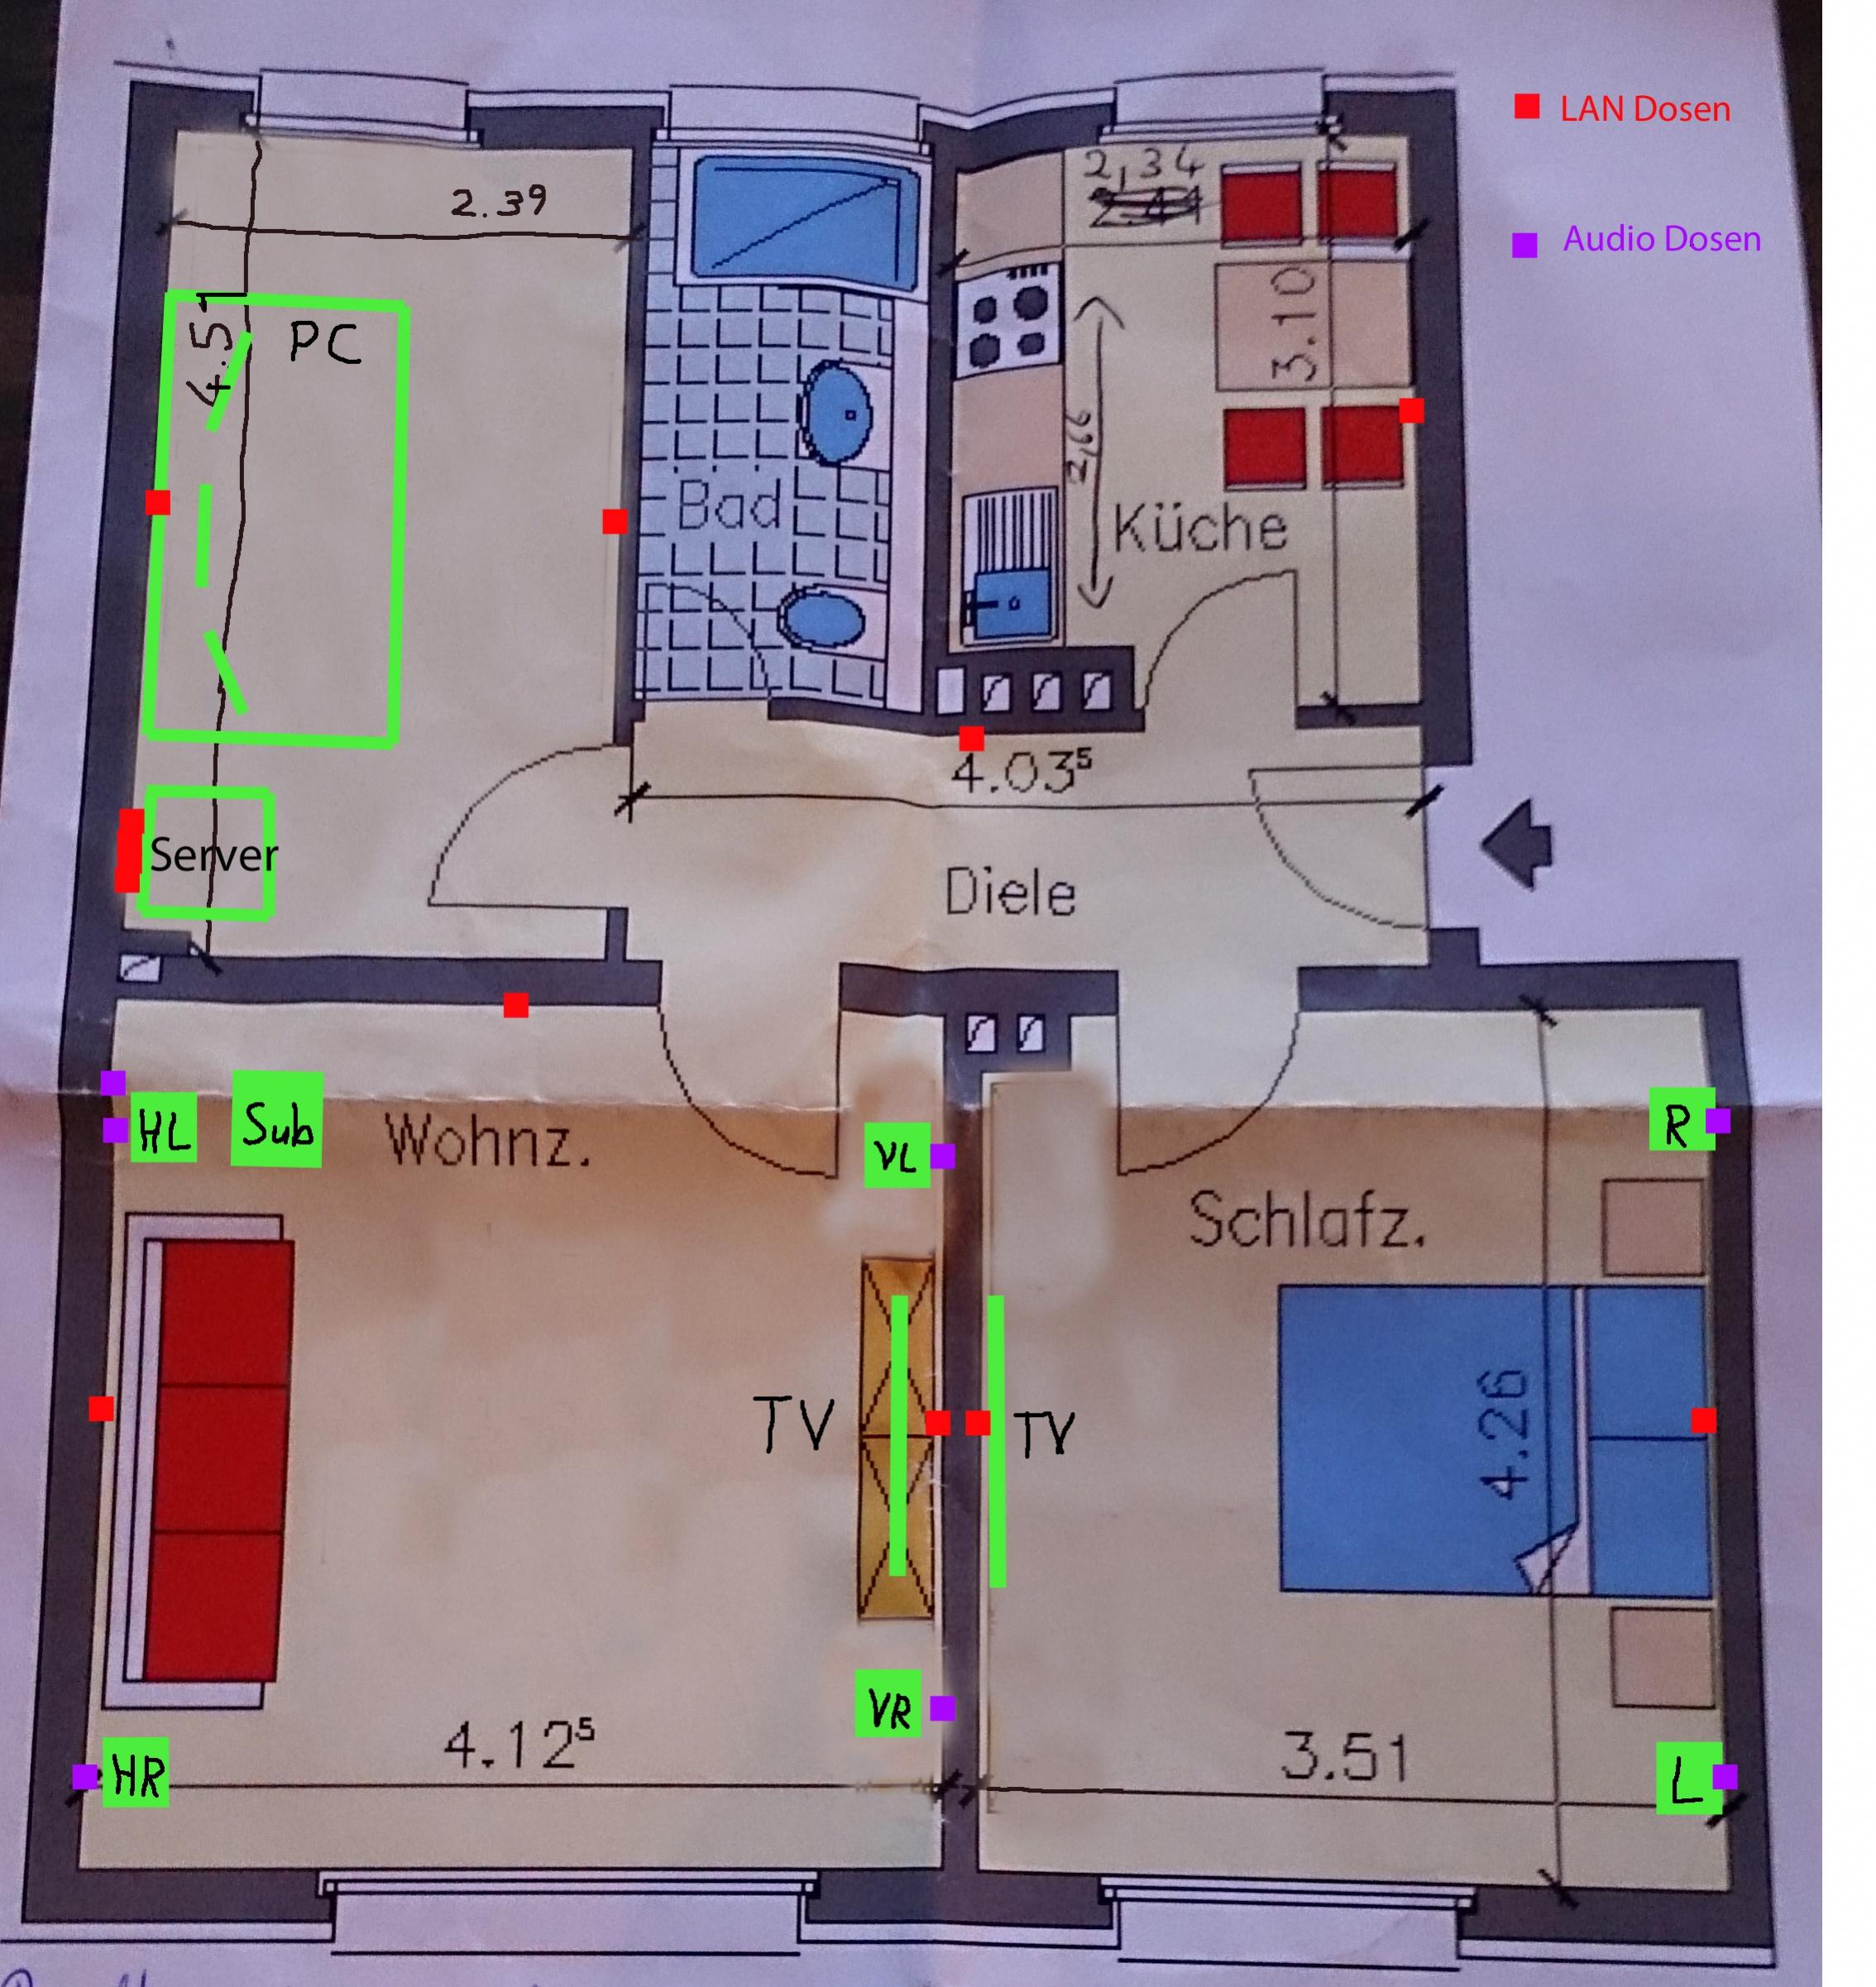 Wohnung mit multimedia ausstatten heimkino und mehr for Wohnung ausstatten